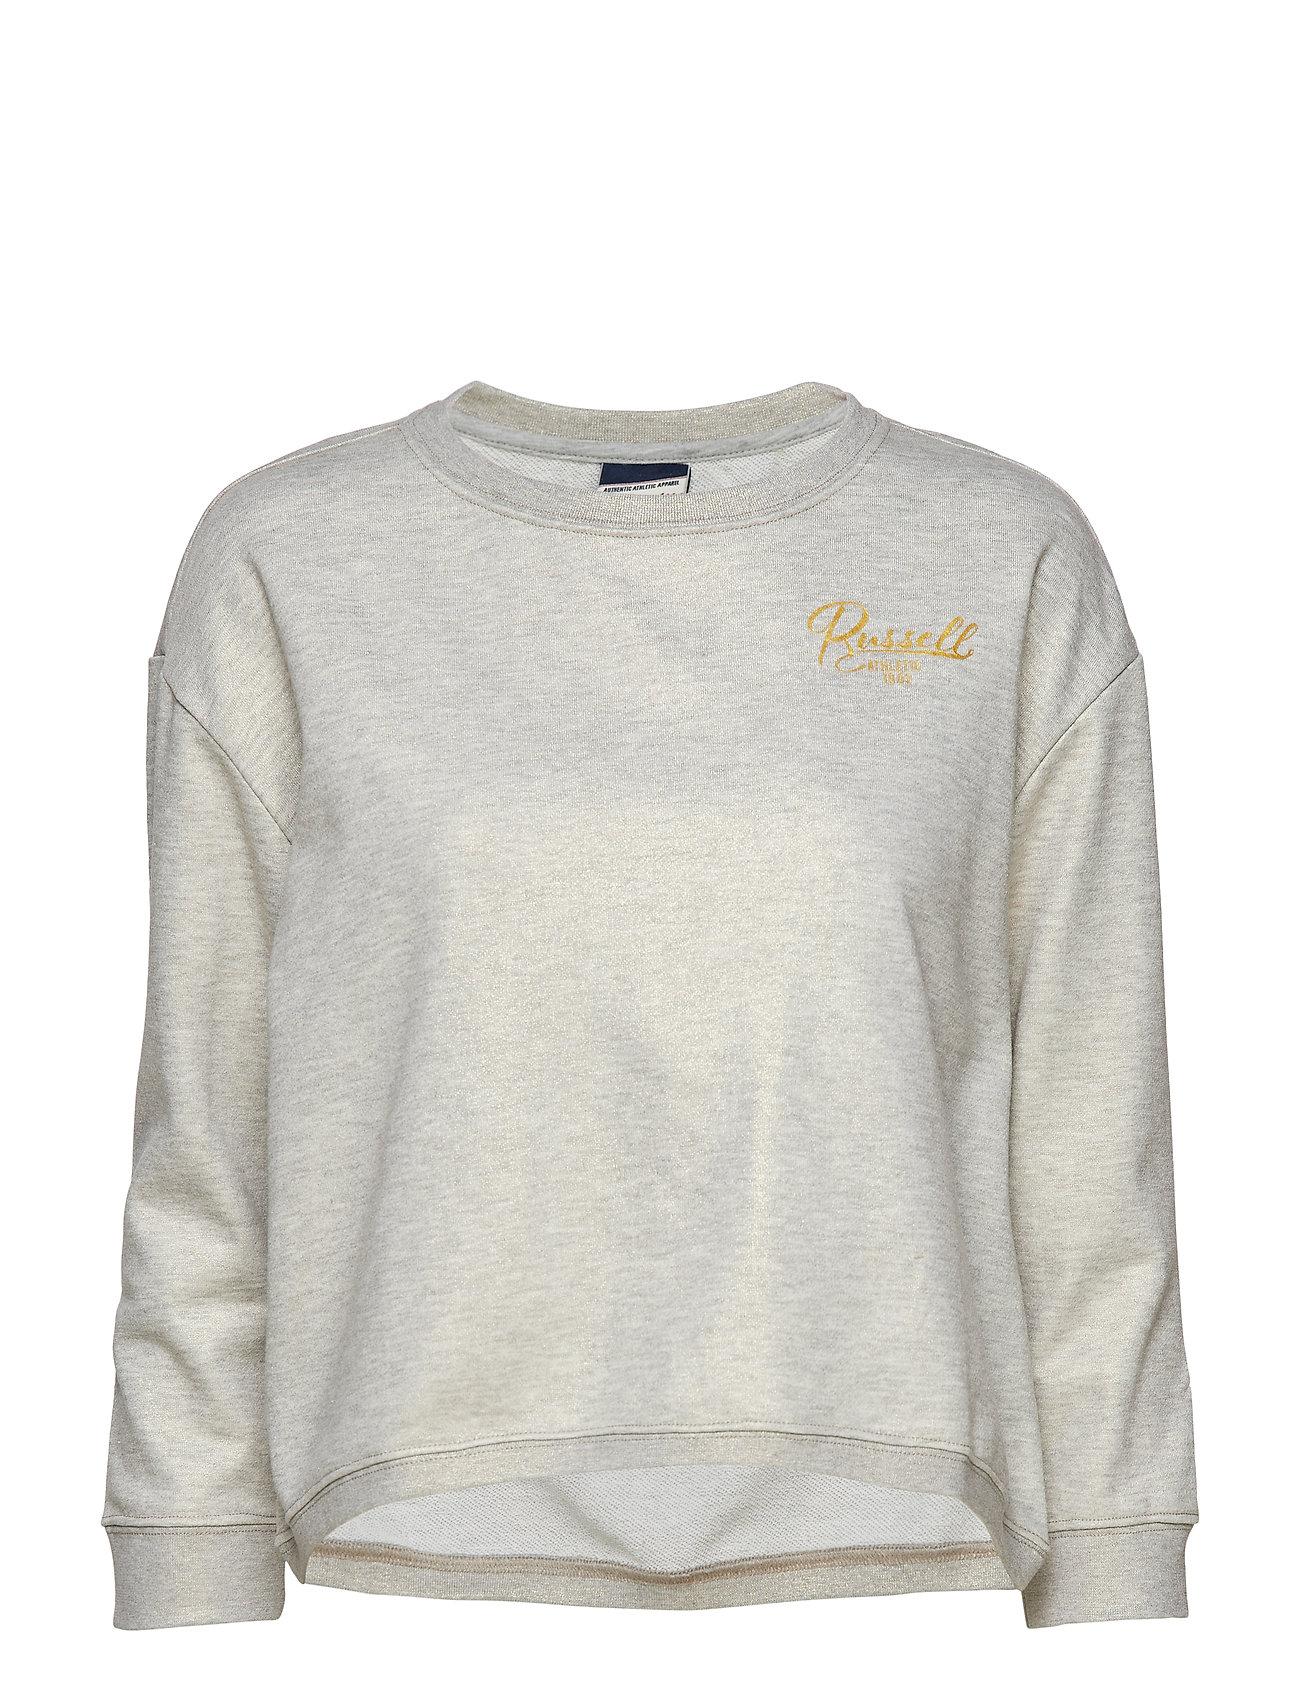 Ru Boxy Fit Crew Neck Sweatshirt (Bright Grey Marl) (£34.65 ... 04b1da93c5c